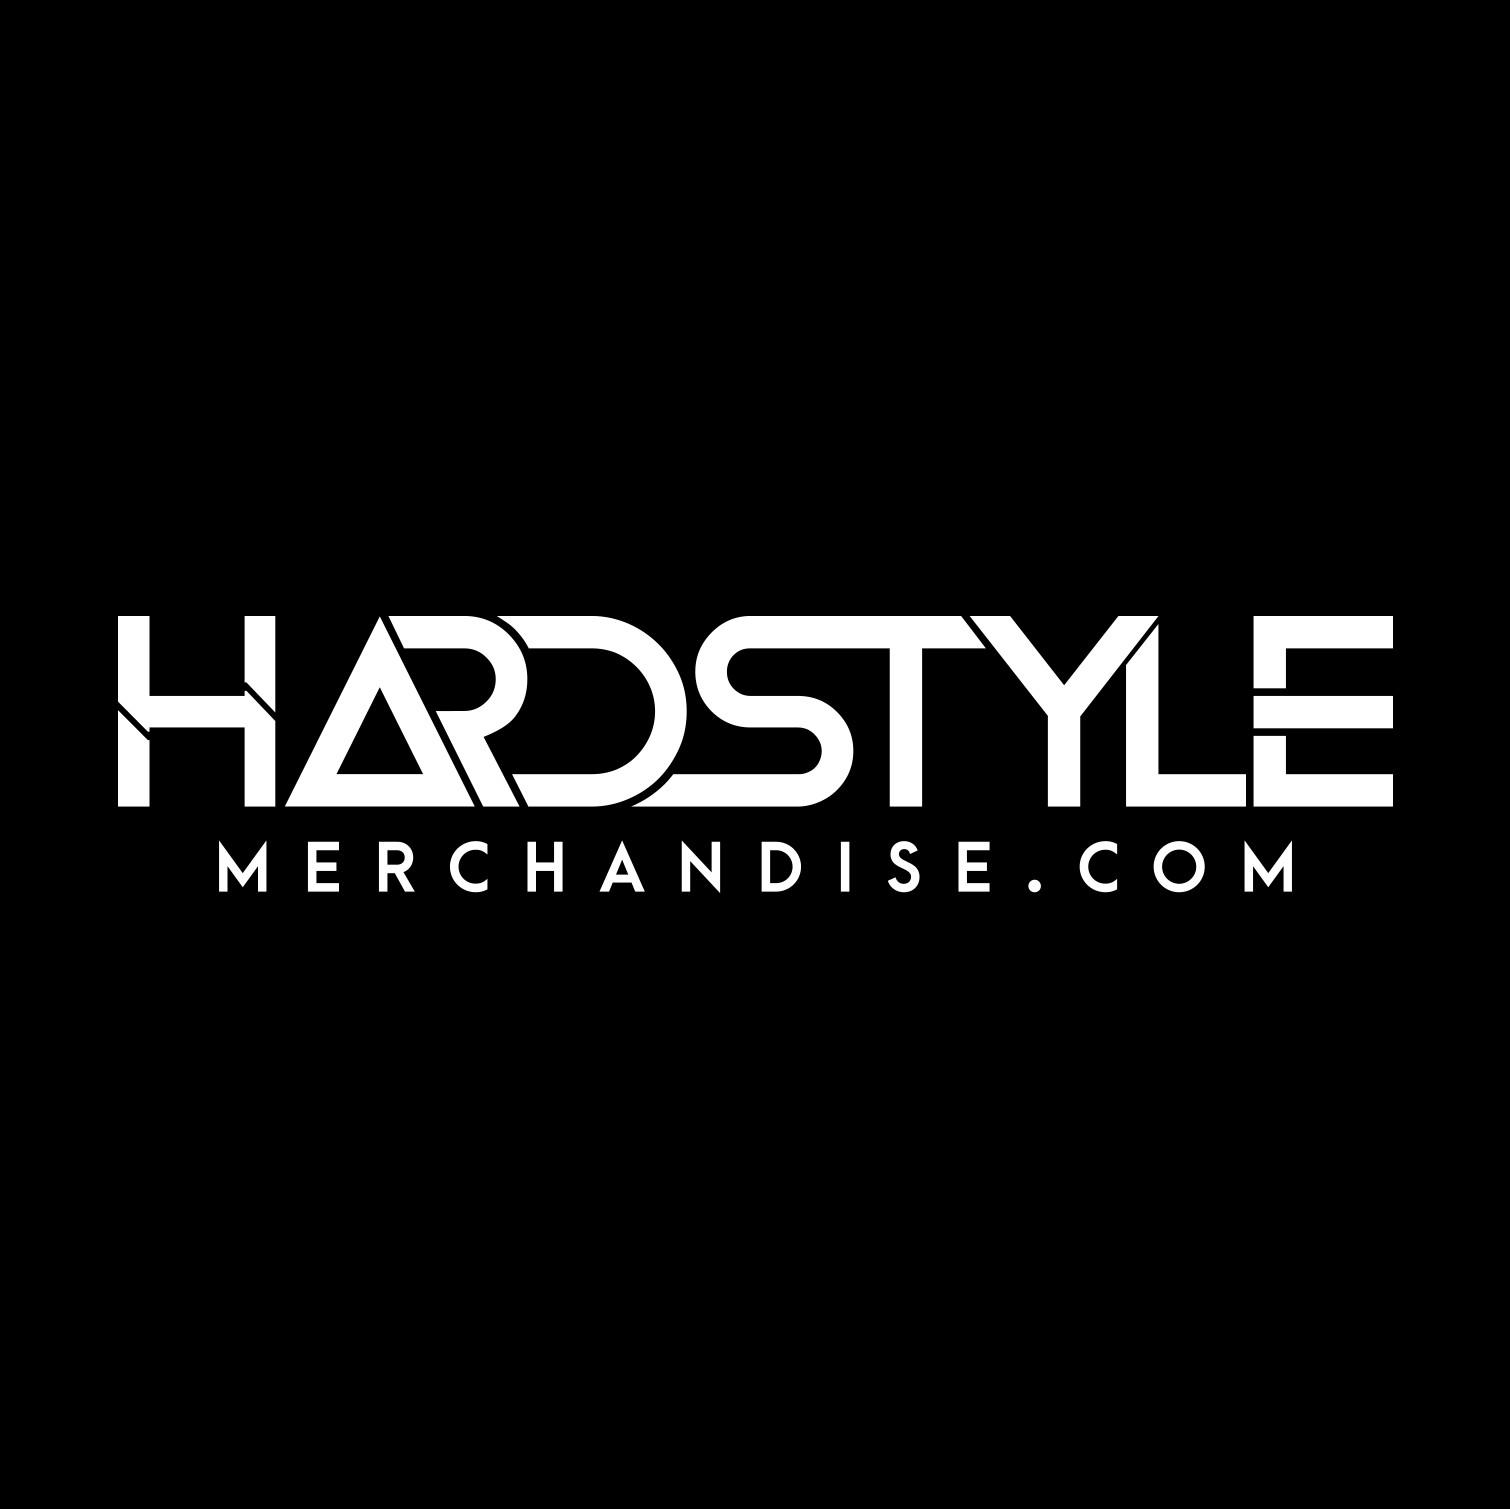 Hardstyle Merchandise.com